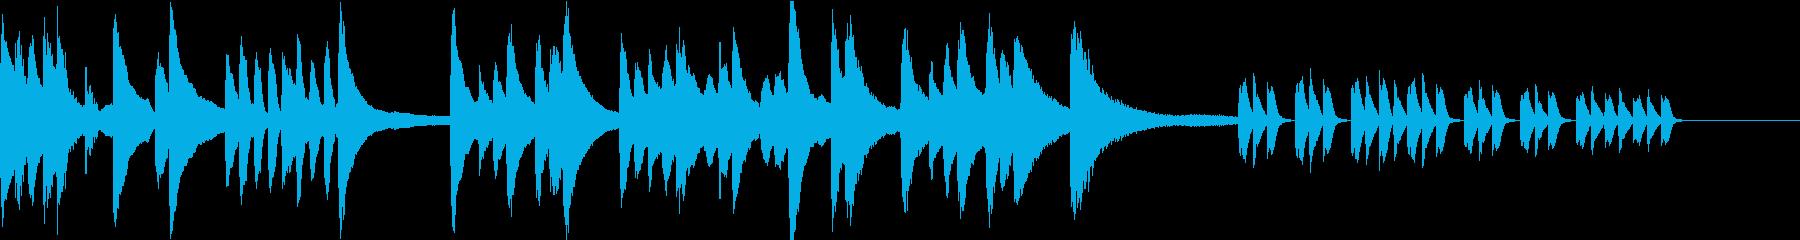 徐々に怪しくなるピアノソロBGMの再生済みの波形